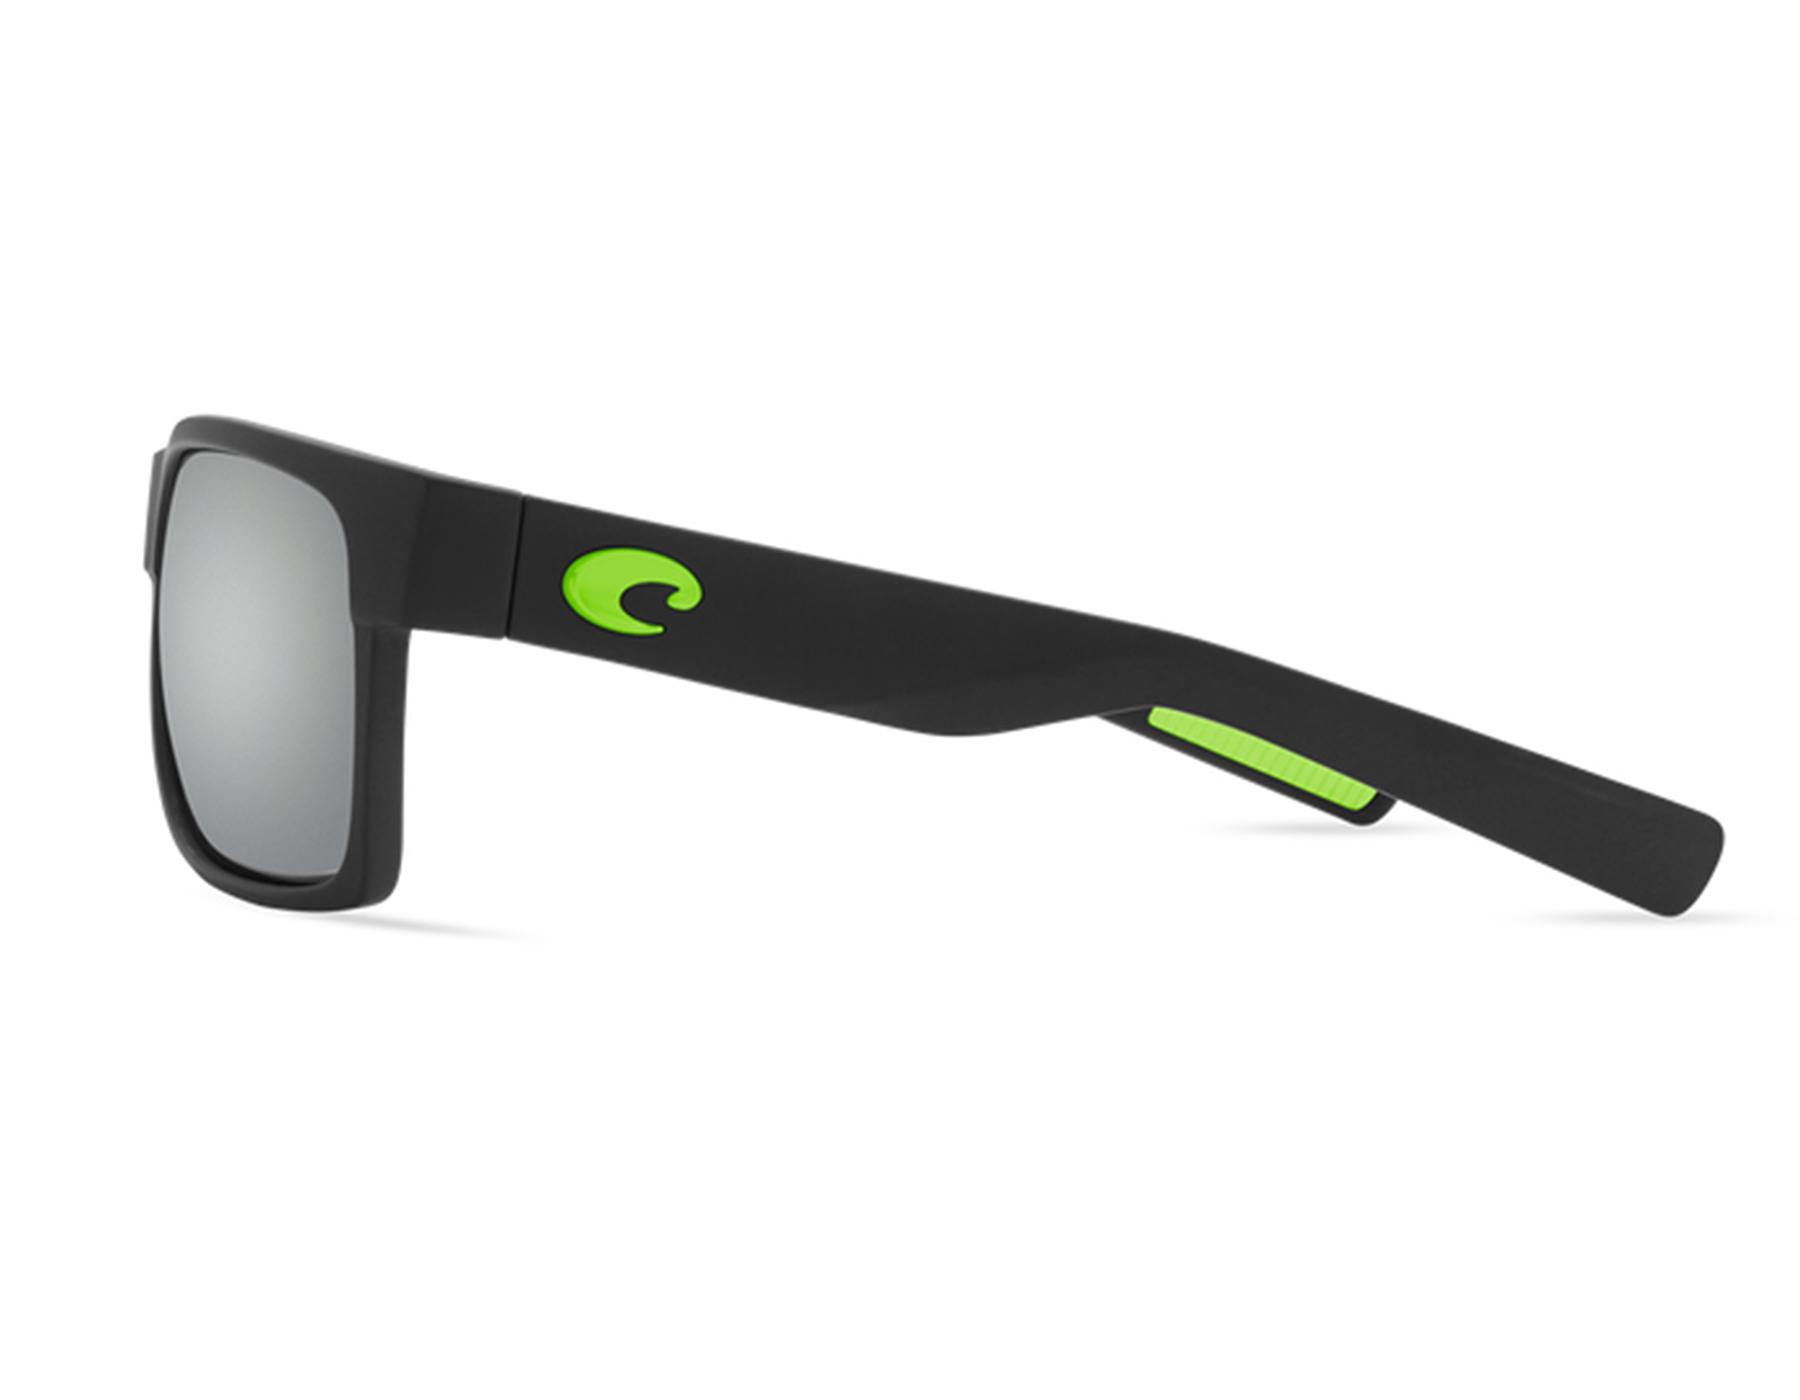 New Costa del Mar Broadbill Copper Silver Mirror BRB11-OSCP580P Sunglasses